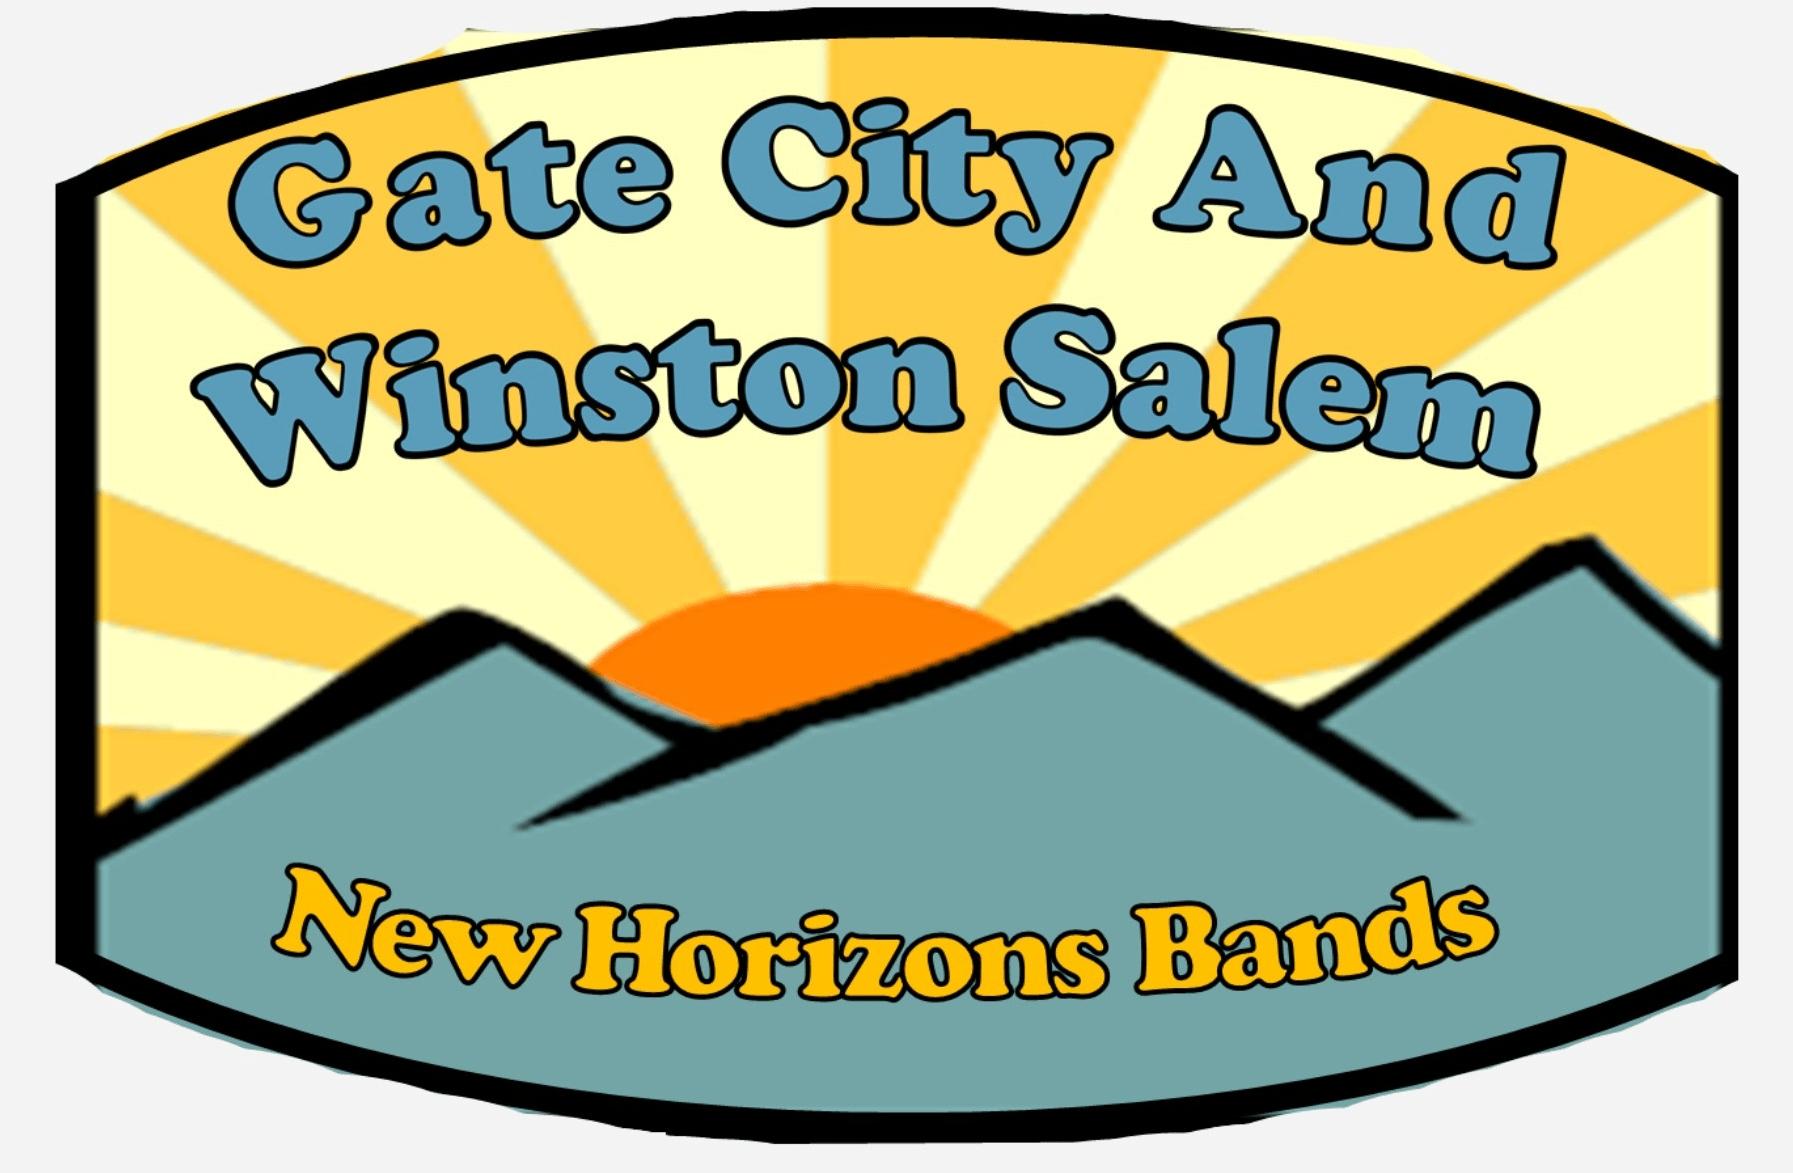 City Of Winston Salem >> Gate City And Winston Salem New Horizons Bands